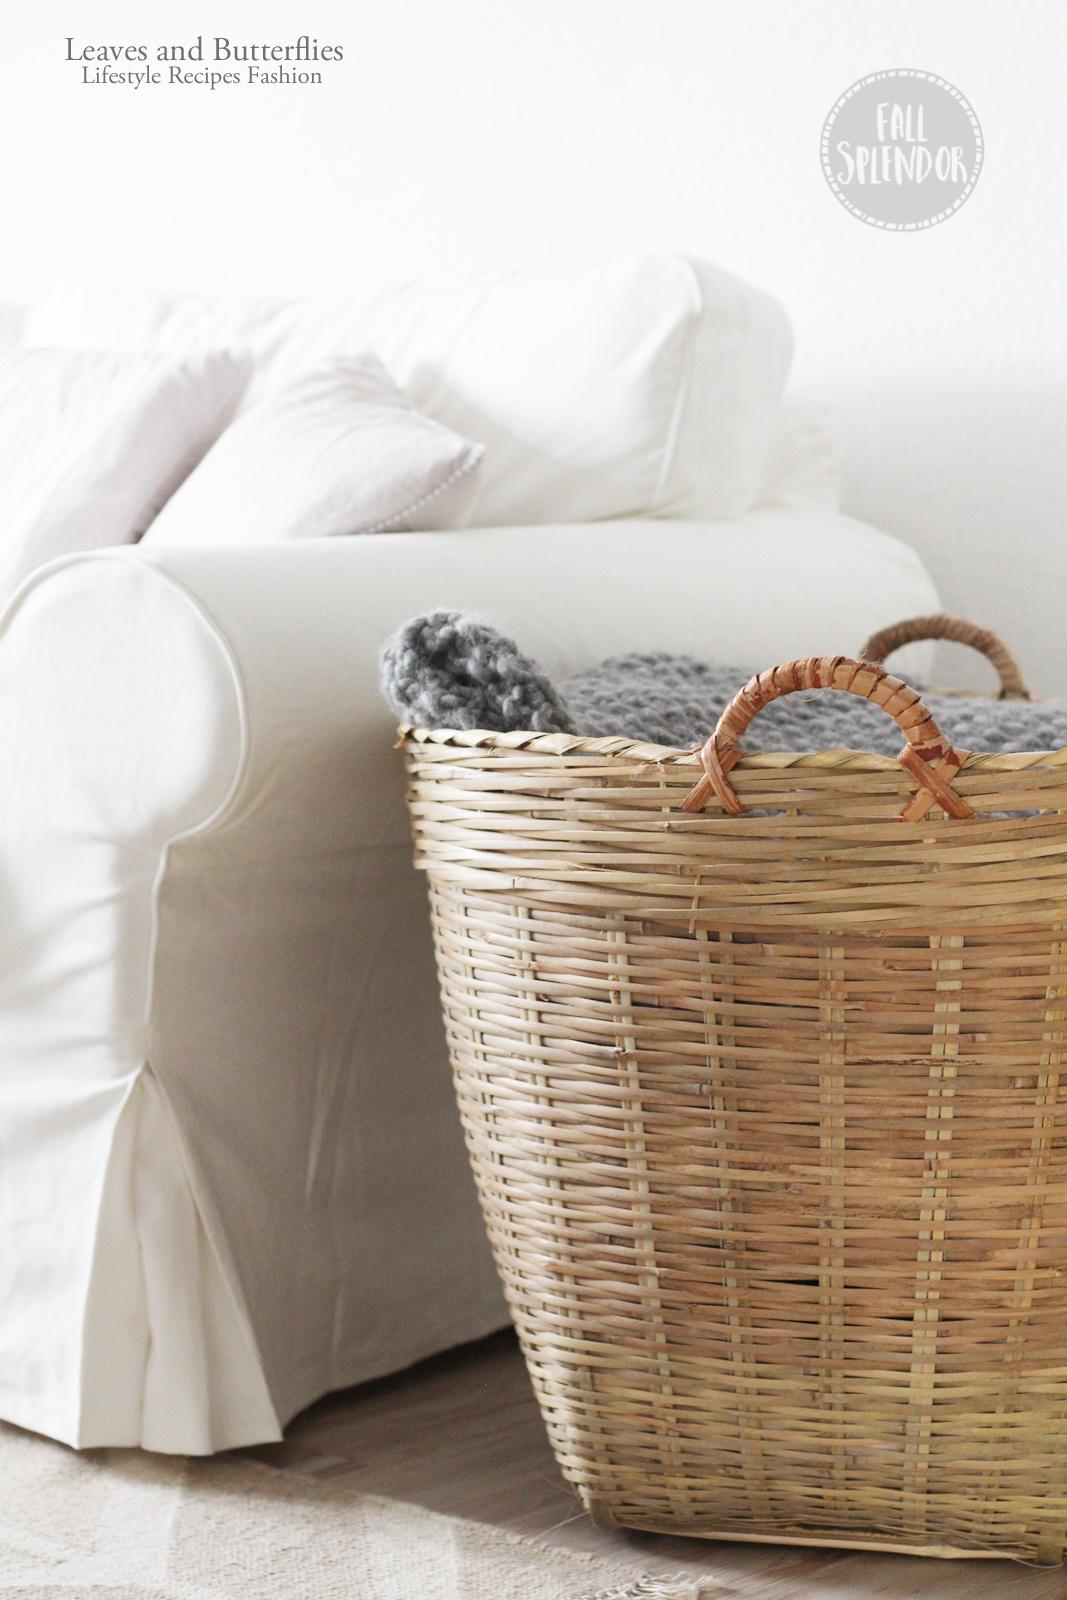 In Dem Grossen Korb Sammeln Wir Nun All Unsere Decken Und Brigen Kissen Da Nicht Immer Alles Benutzung Habe Wird Ab Zu Mal Getauscht